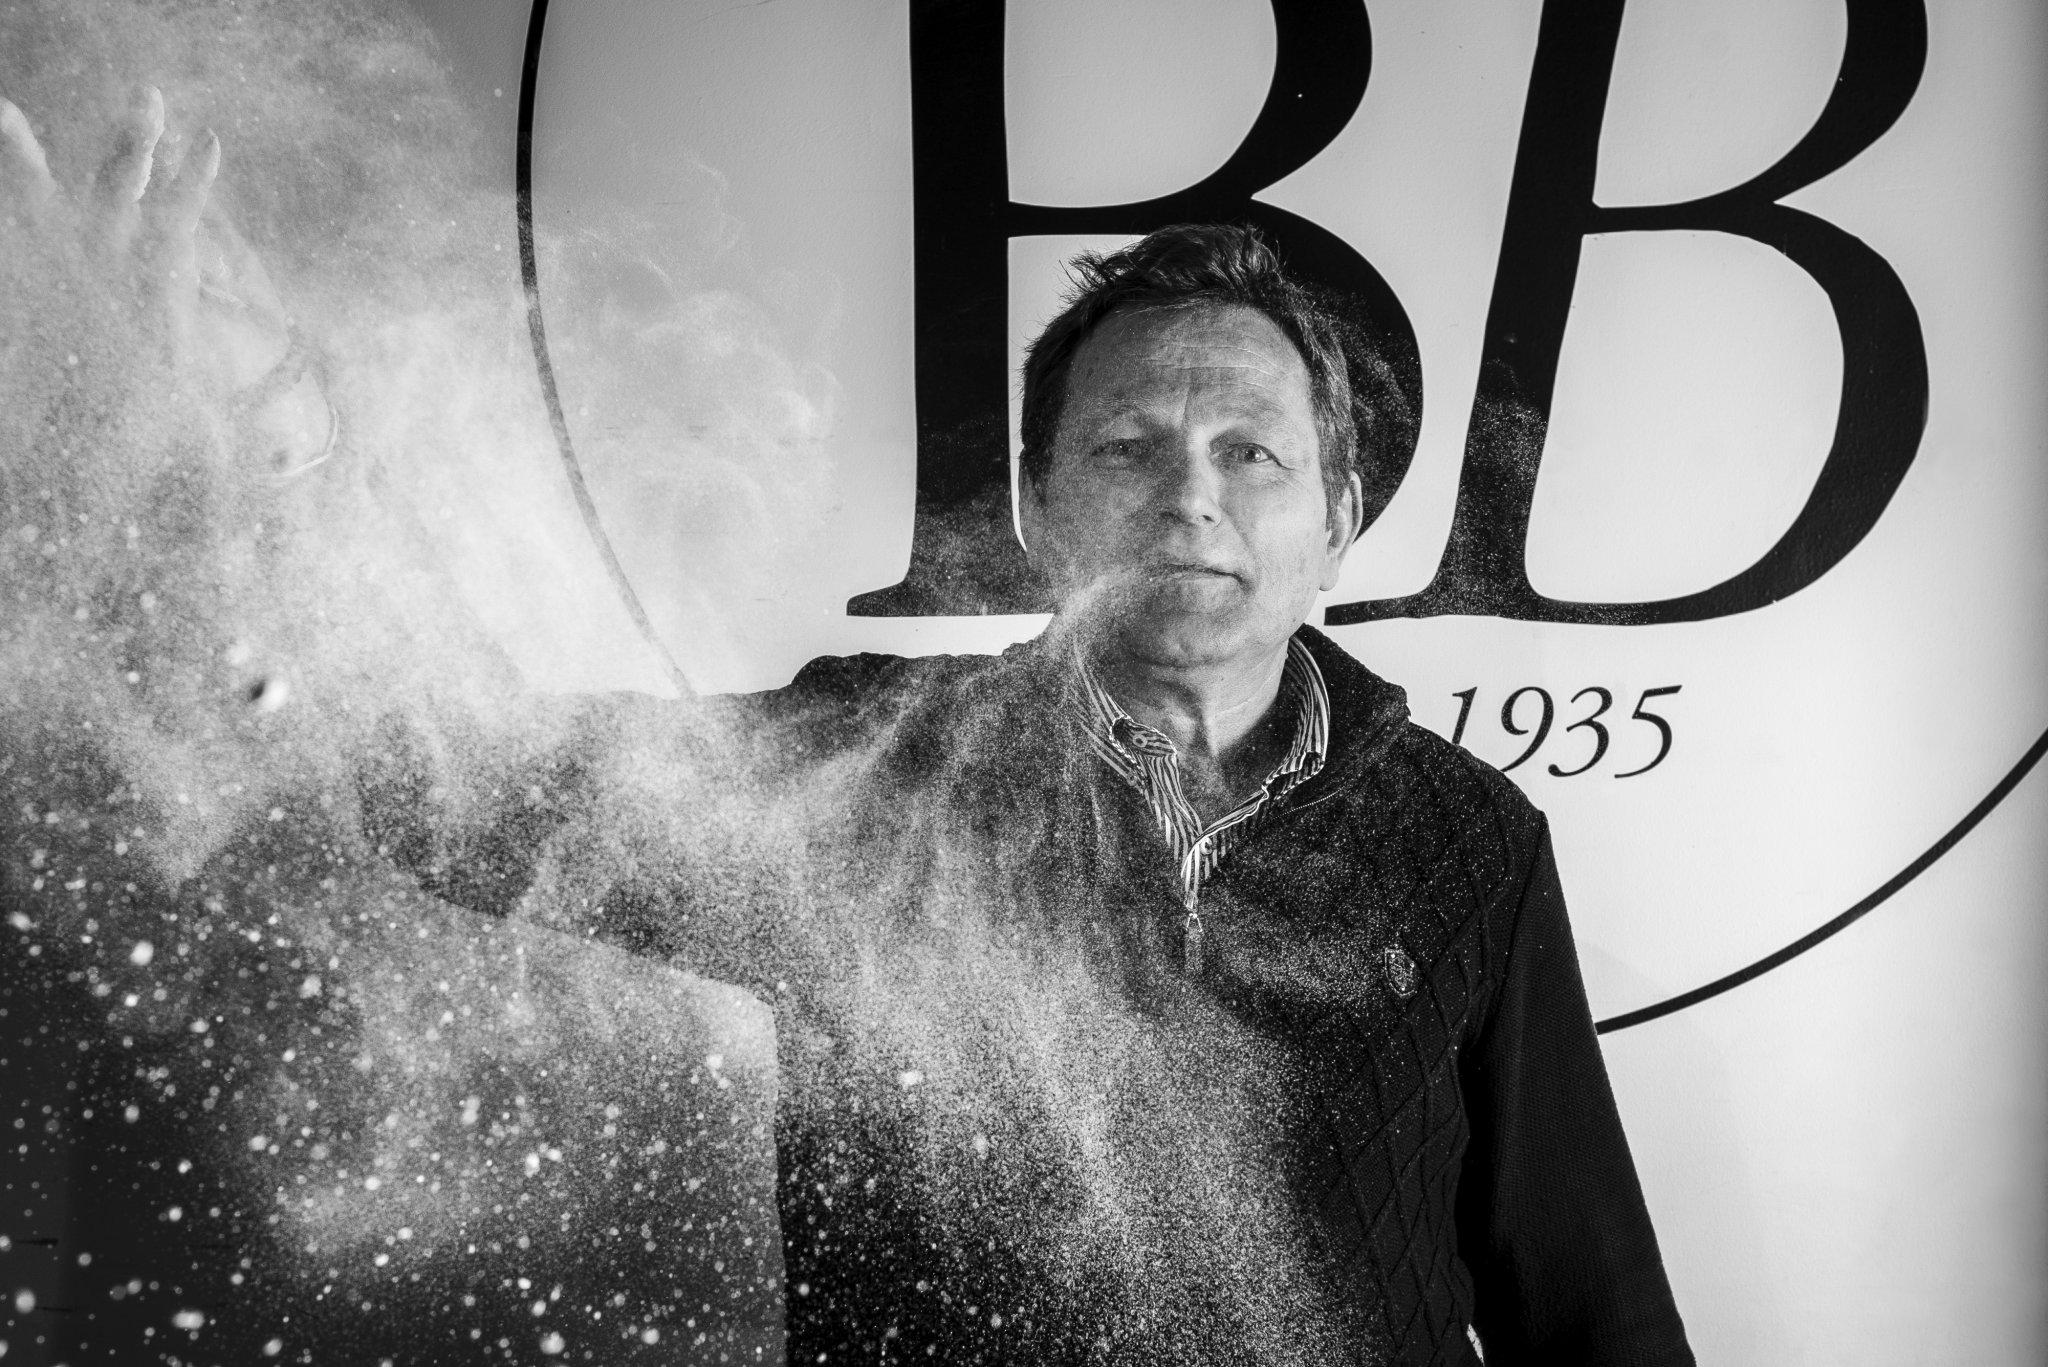 Photographe Lyon Villeurbanne - portrait professionnel artisan commerçant entreprise - François Bettant - La Maison Bettant - Gratte-Ciel